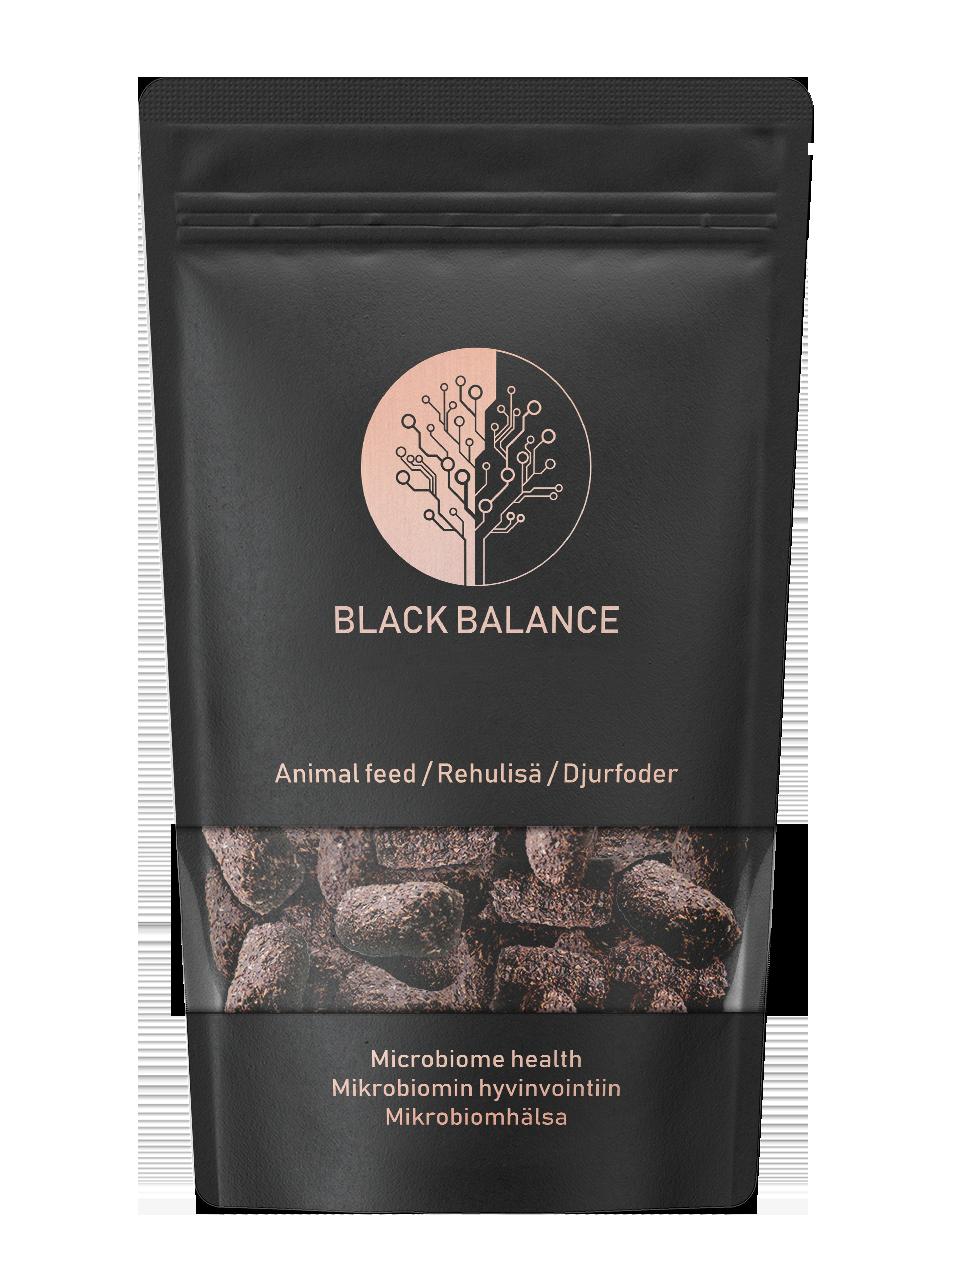 Black Balance by Medrego